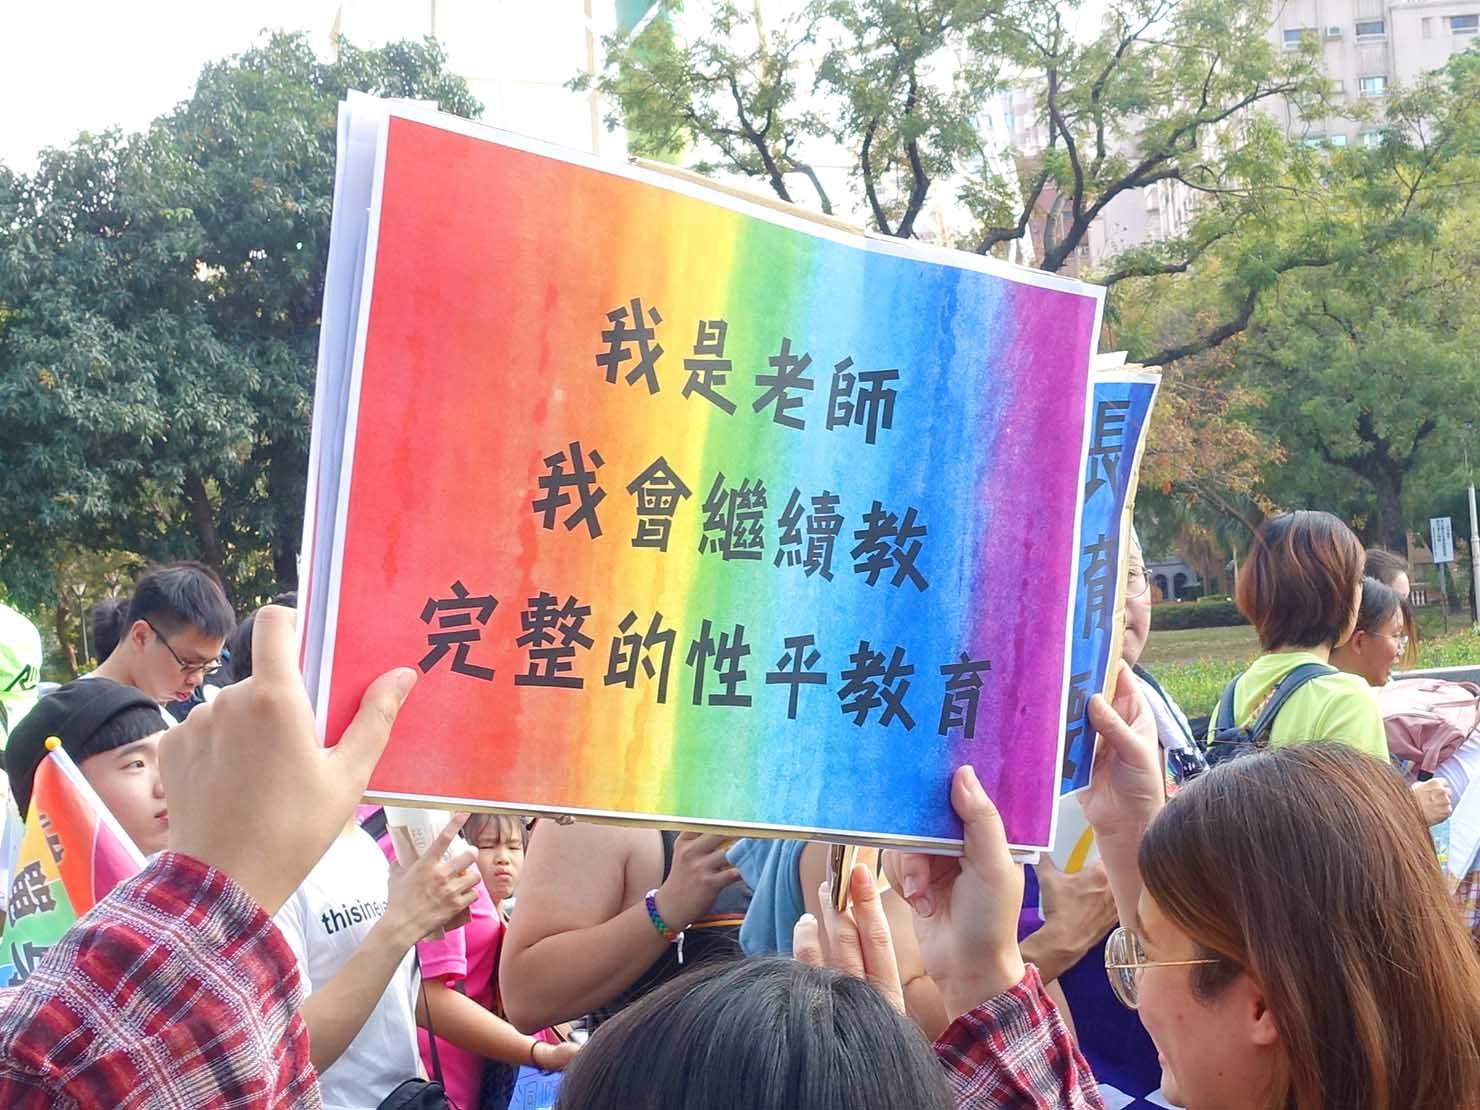 「高雄同志大遊行(高雄プライド)」2019のパレードで性別平等教育の必要性を訴える教師